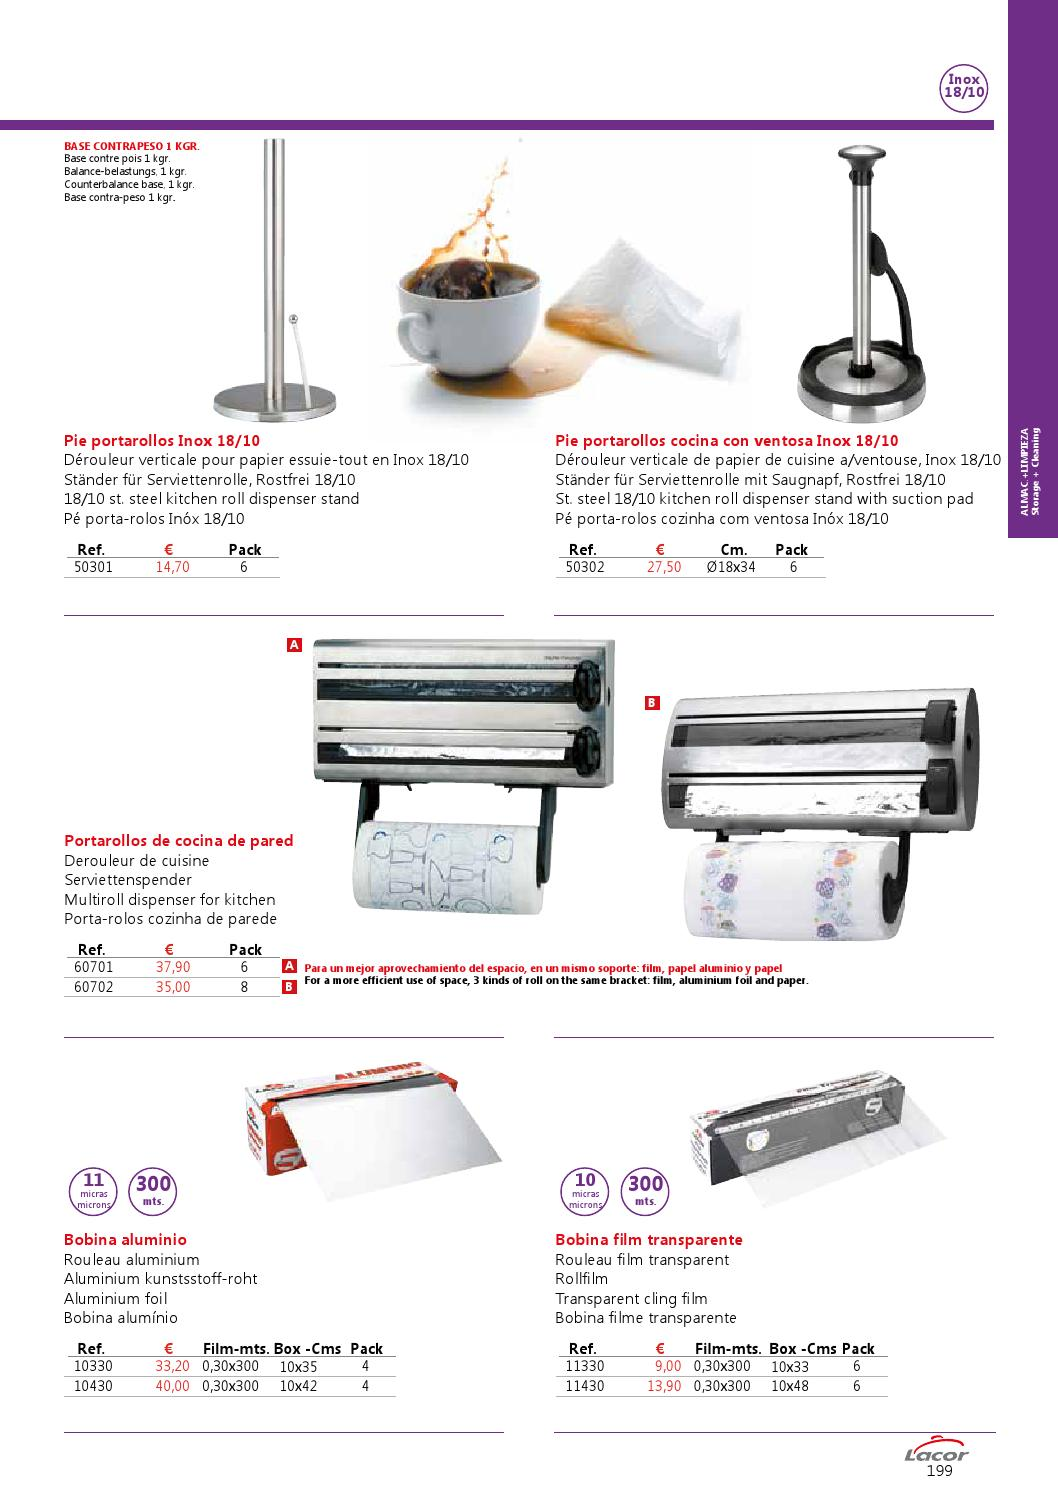 Lacor Pie Portarollos Inox 50301